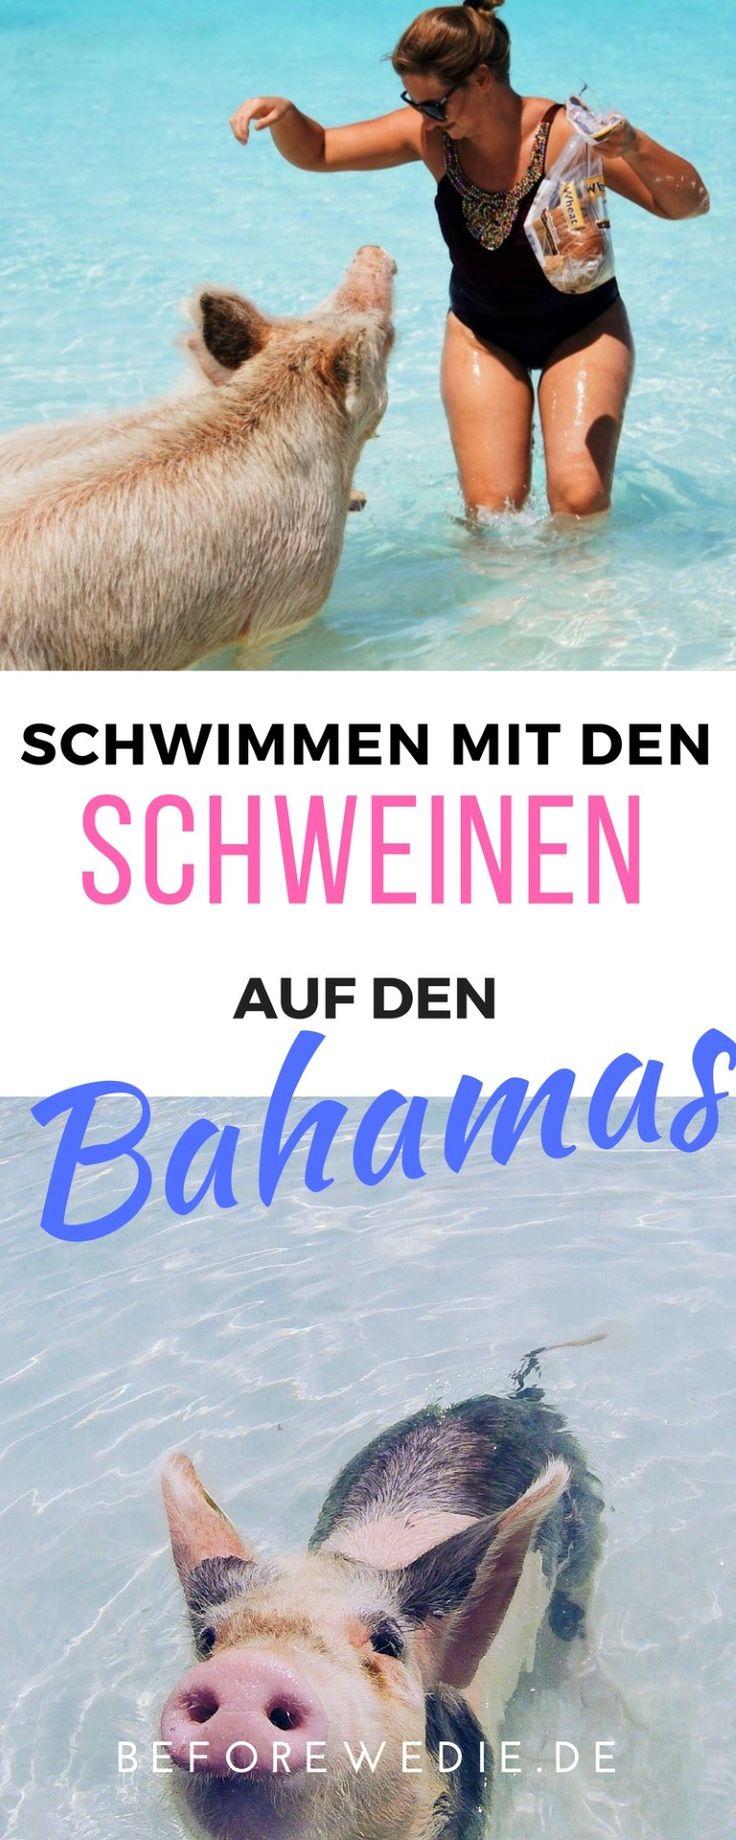 Schwimmen mit den Schweinen auf den Bahamas: We did it!